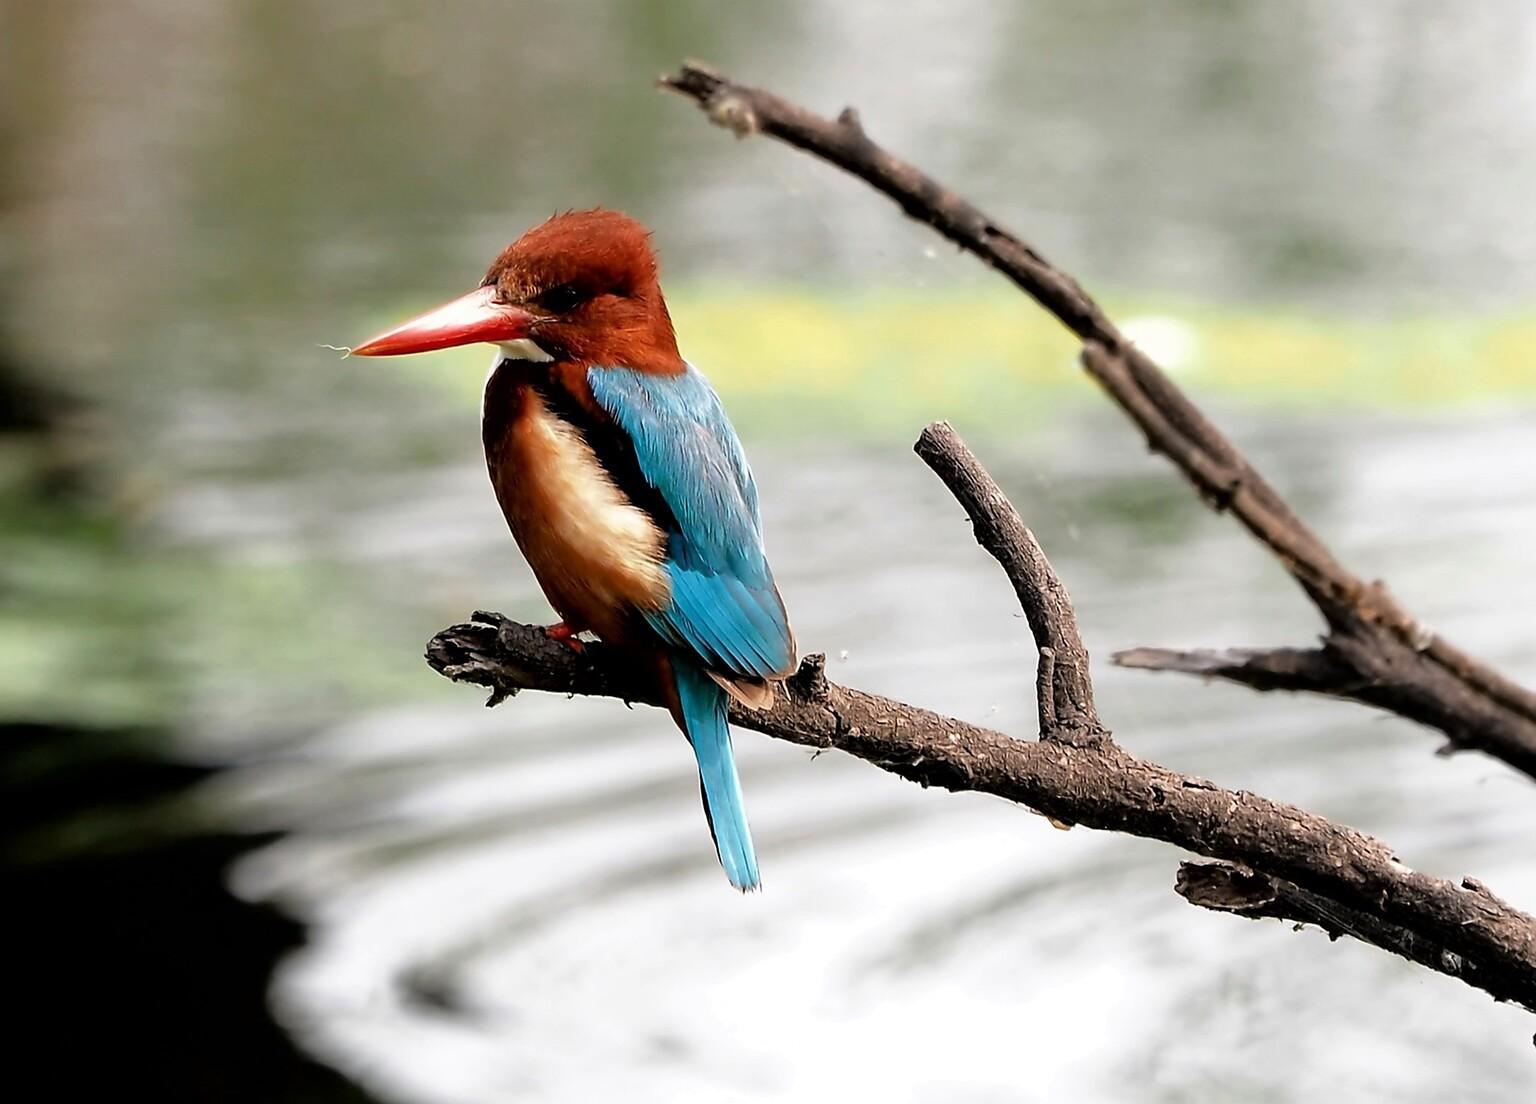 Mijn  Reizen  - En dit de andere soort   hij is ook een beetje groter   maar met die kleur van  de kop   valt hij  op .    Bedankt voor de reacties  Groeten    Eddy  - foto door Stumpf op 12-04-2021 - locatie: India - deze foto bevat: vogel, bek, organisme, takje, piciformes, bijeneter, elektrisch blauw, staart, veer, terrestrische dieren